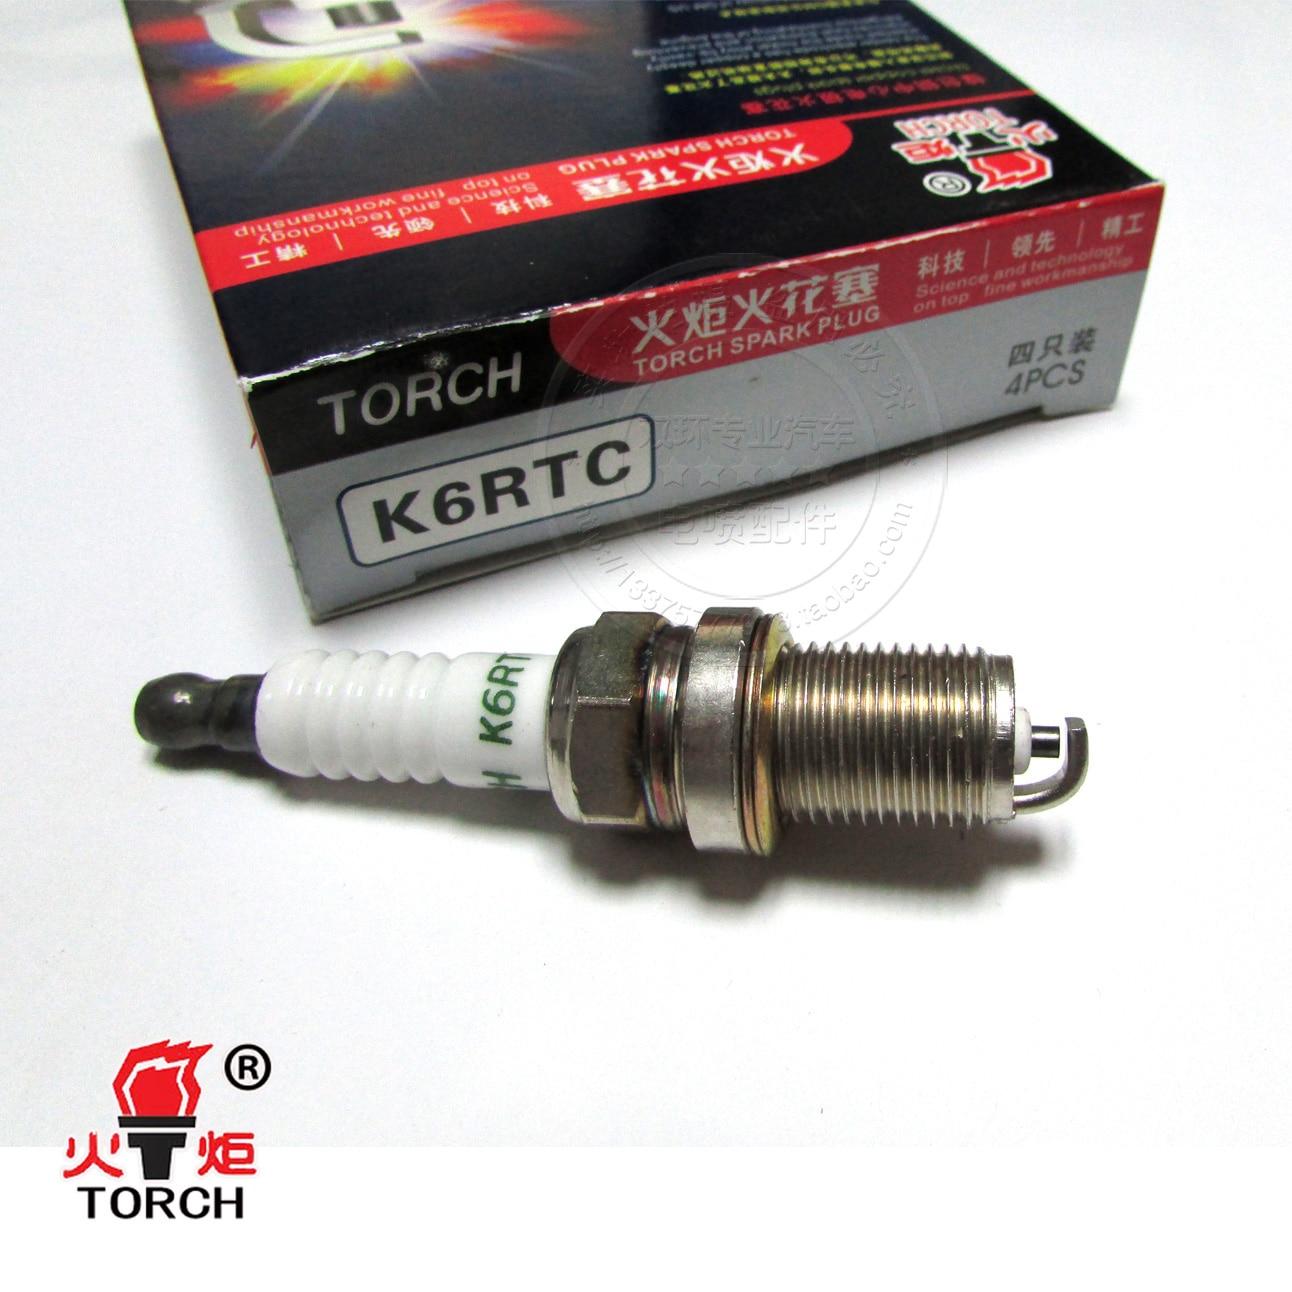 Entrega gratuita. Quadrado pequeno da boca k6rtc k7rtc do fogo do carro genuíno com verificação de segurança resistive